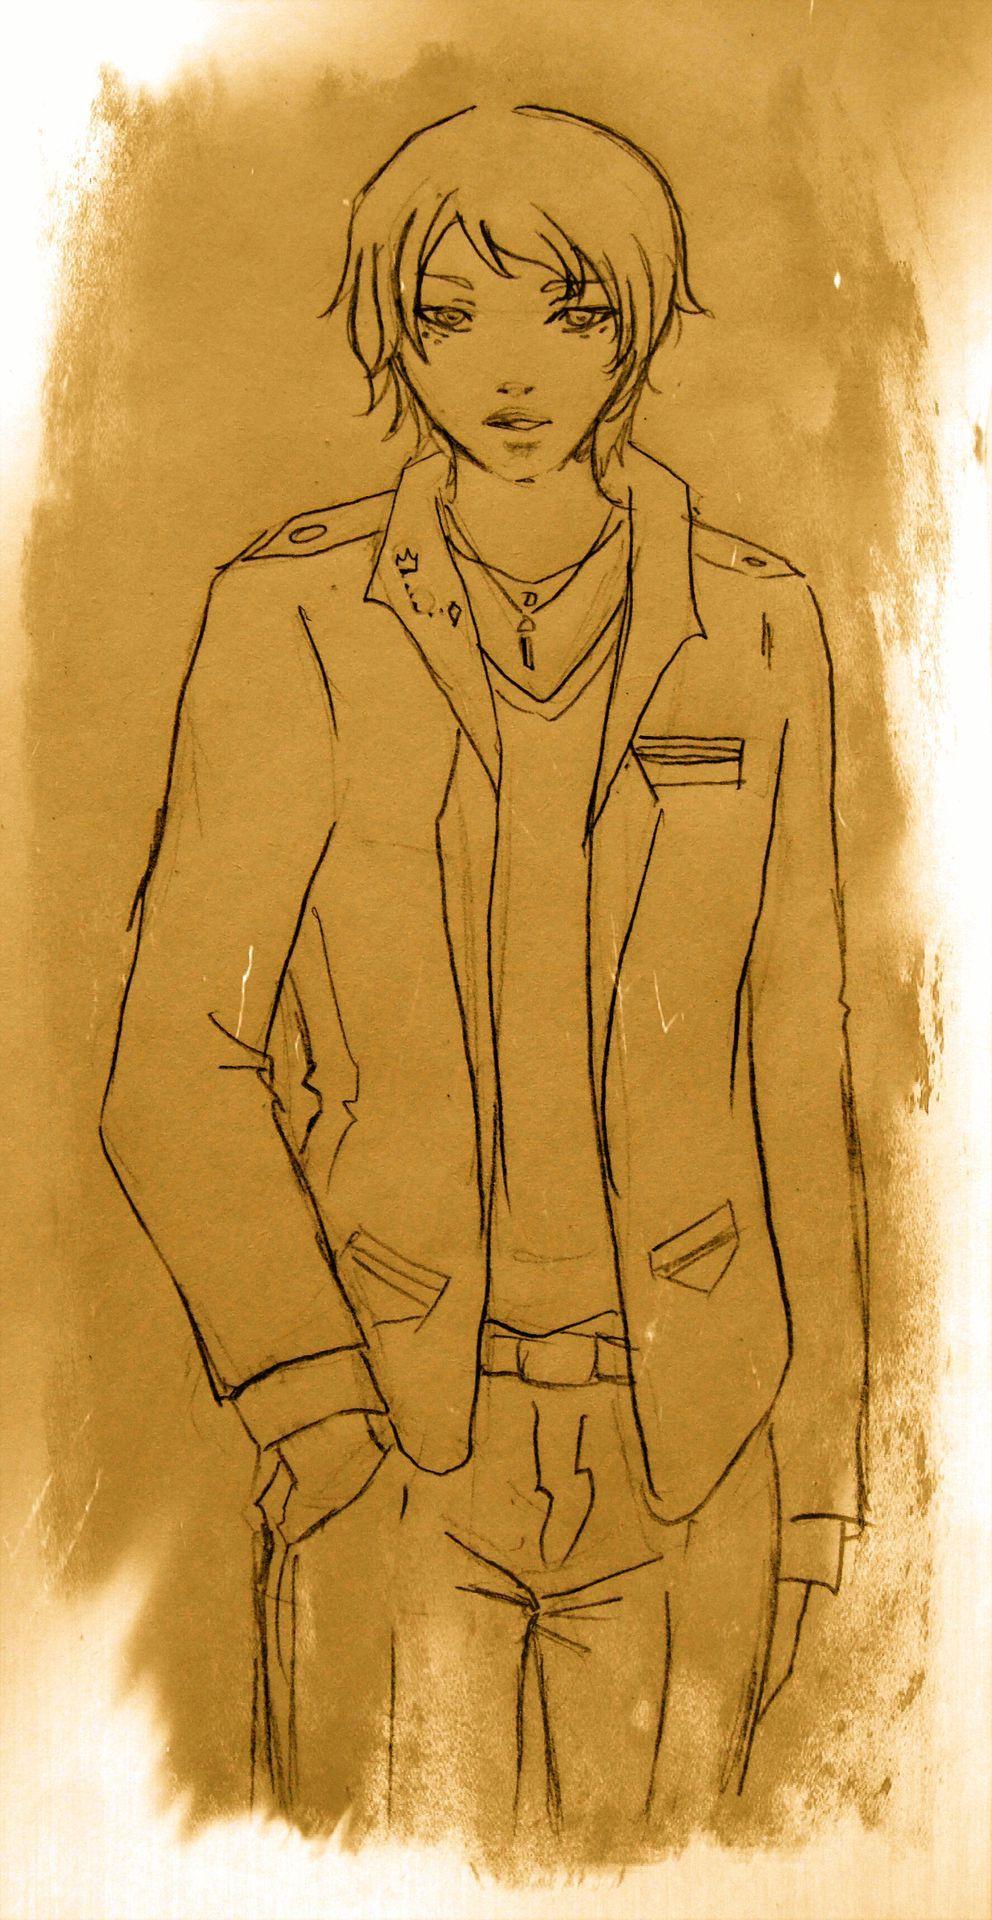 —Parece inusualmente feliz esta mañana, señor— Arturo lucía fresco y tenía una sonrisa casi burlona